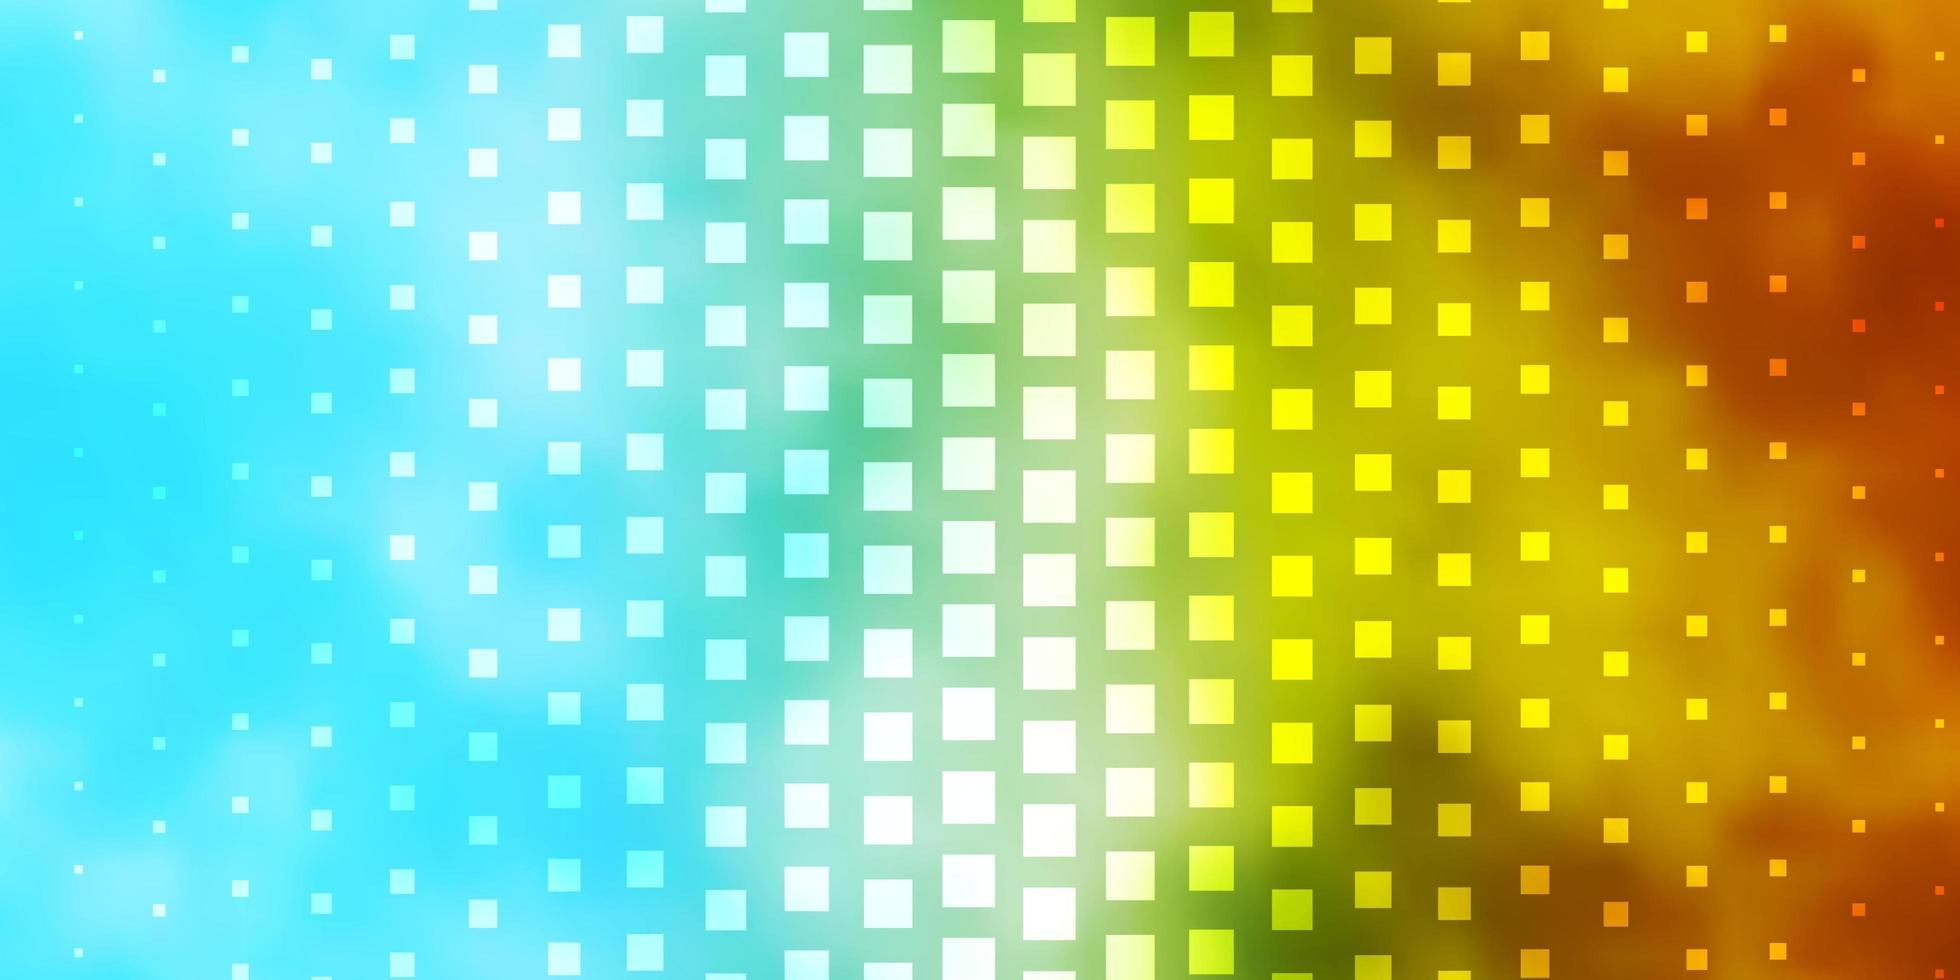 plantilla azul claro, amarilla en rectángulos. vector